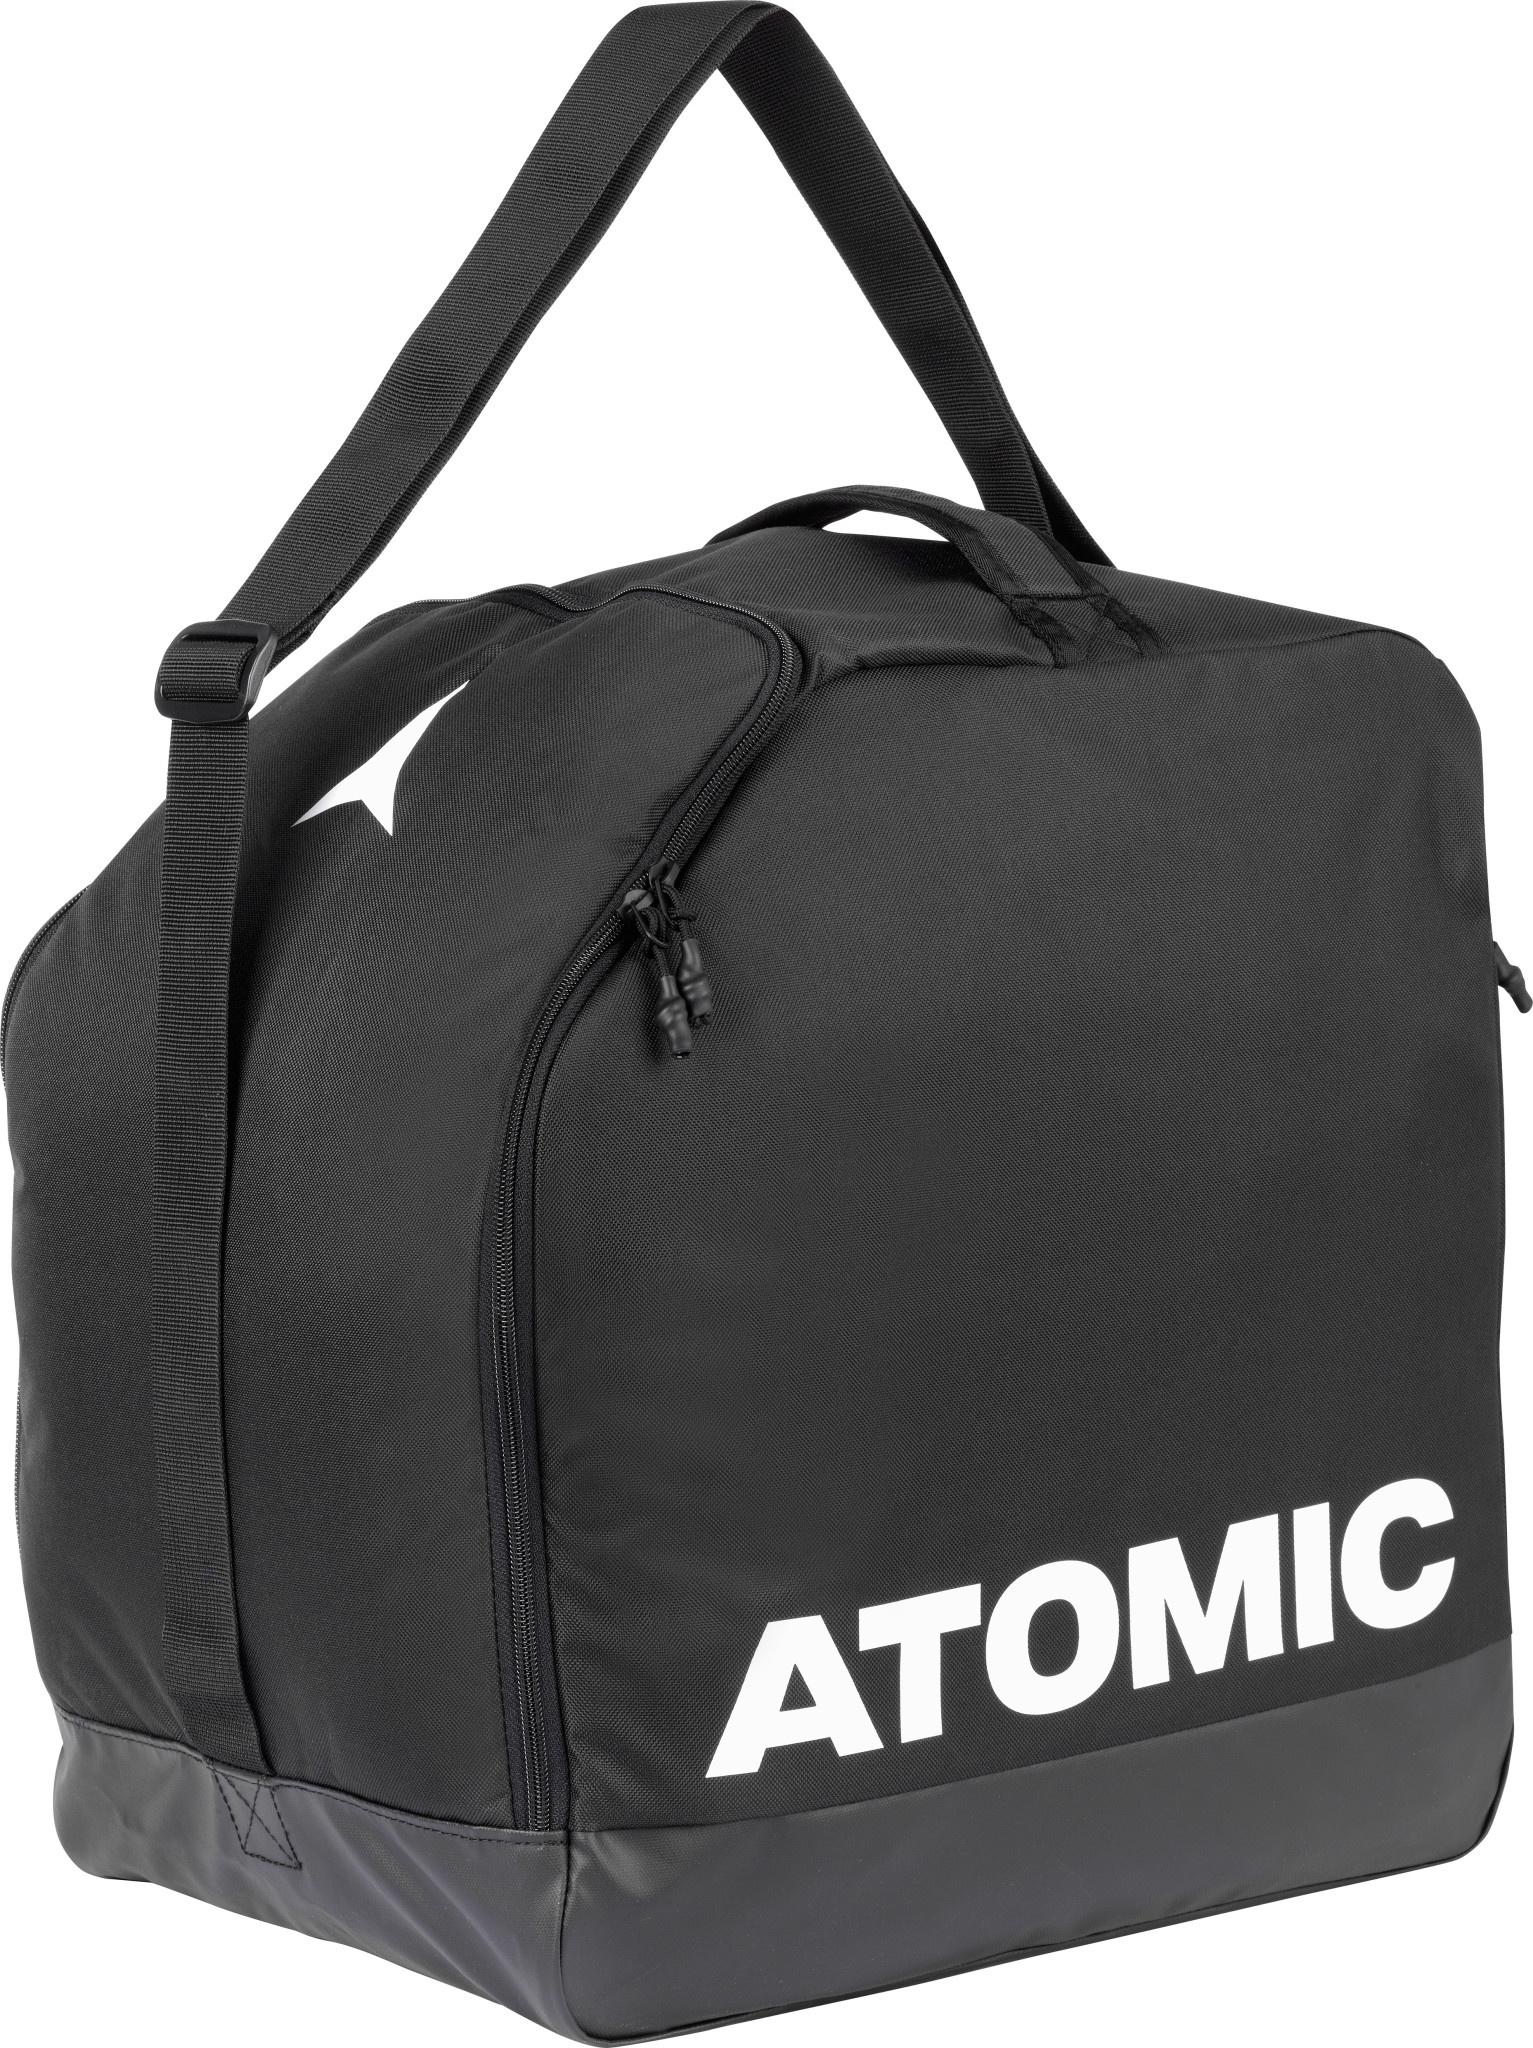 Atomic Boot & Helmet Bag Black/White-1